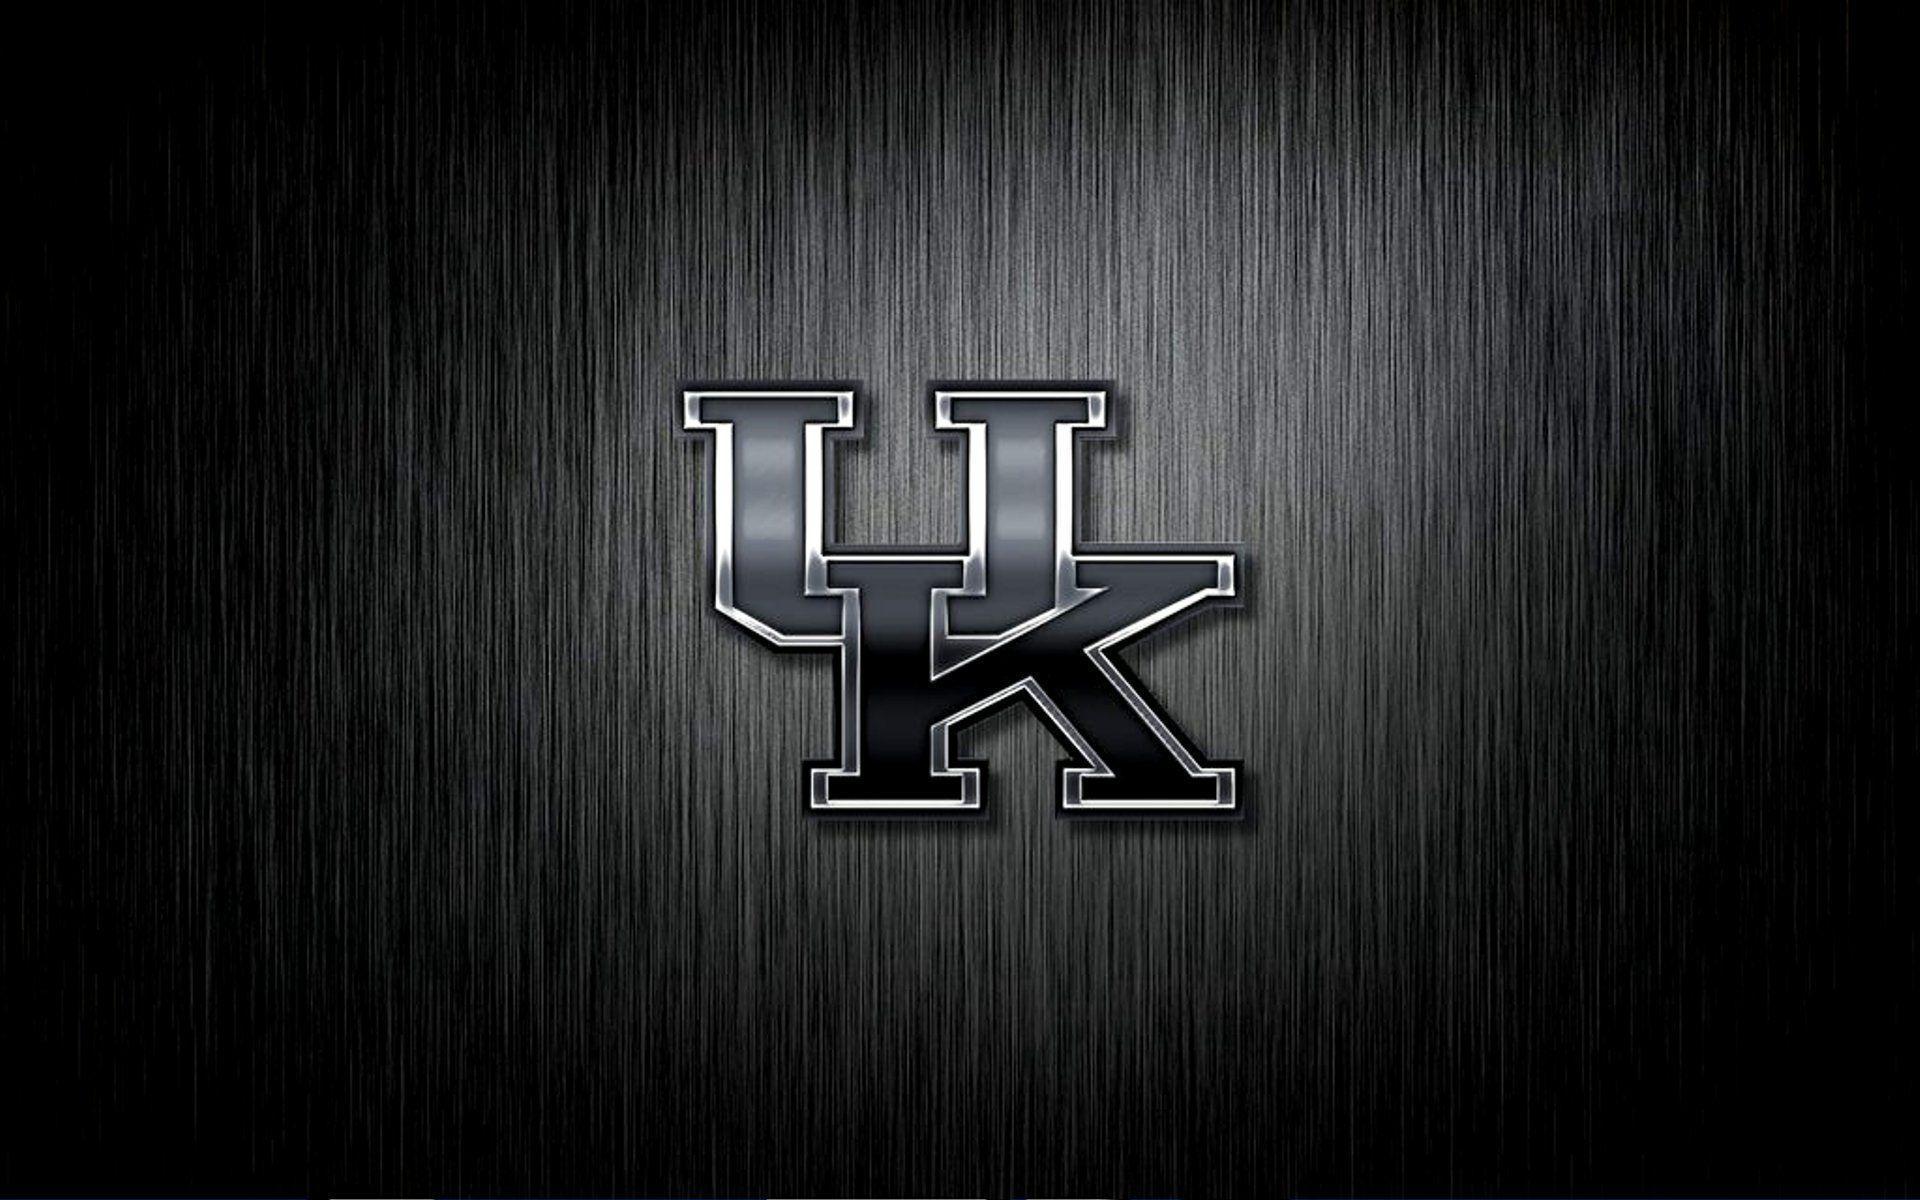 Kentucky Wallpapers   Top Kentucky Backgrounds   WallpaperAccess 1920x1200